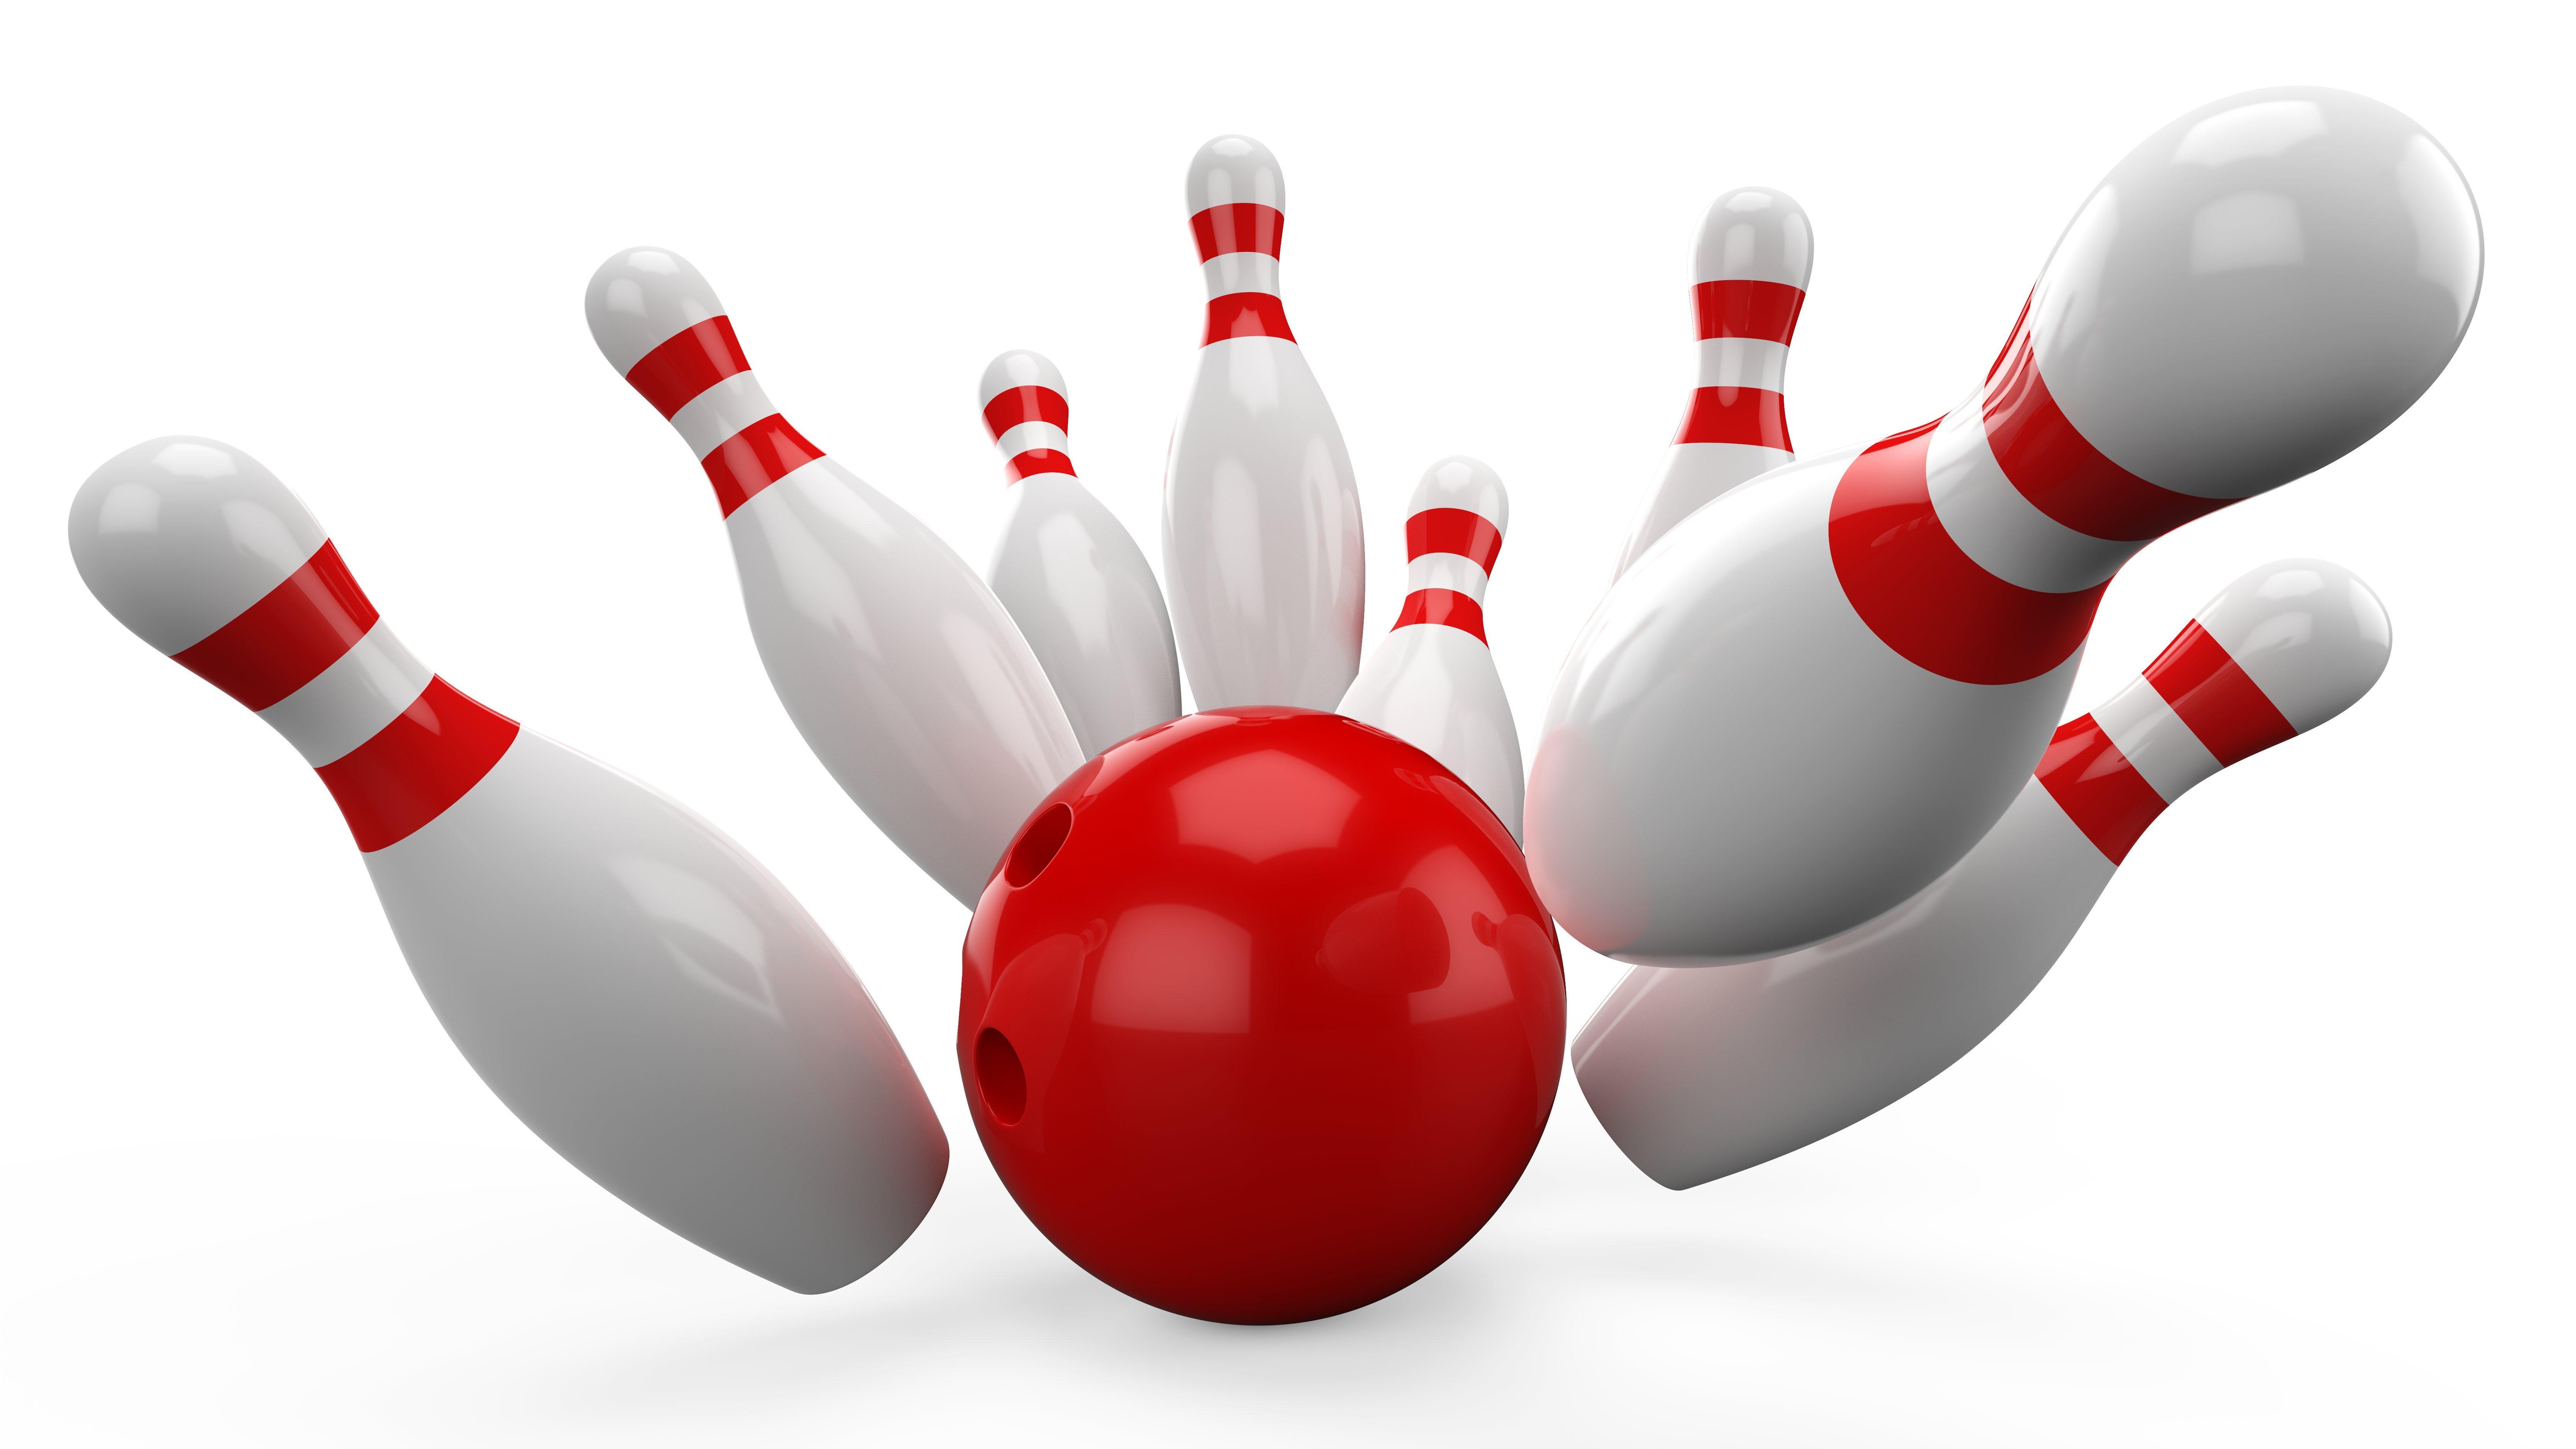 Ten Pin Bowling Clipart Free.